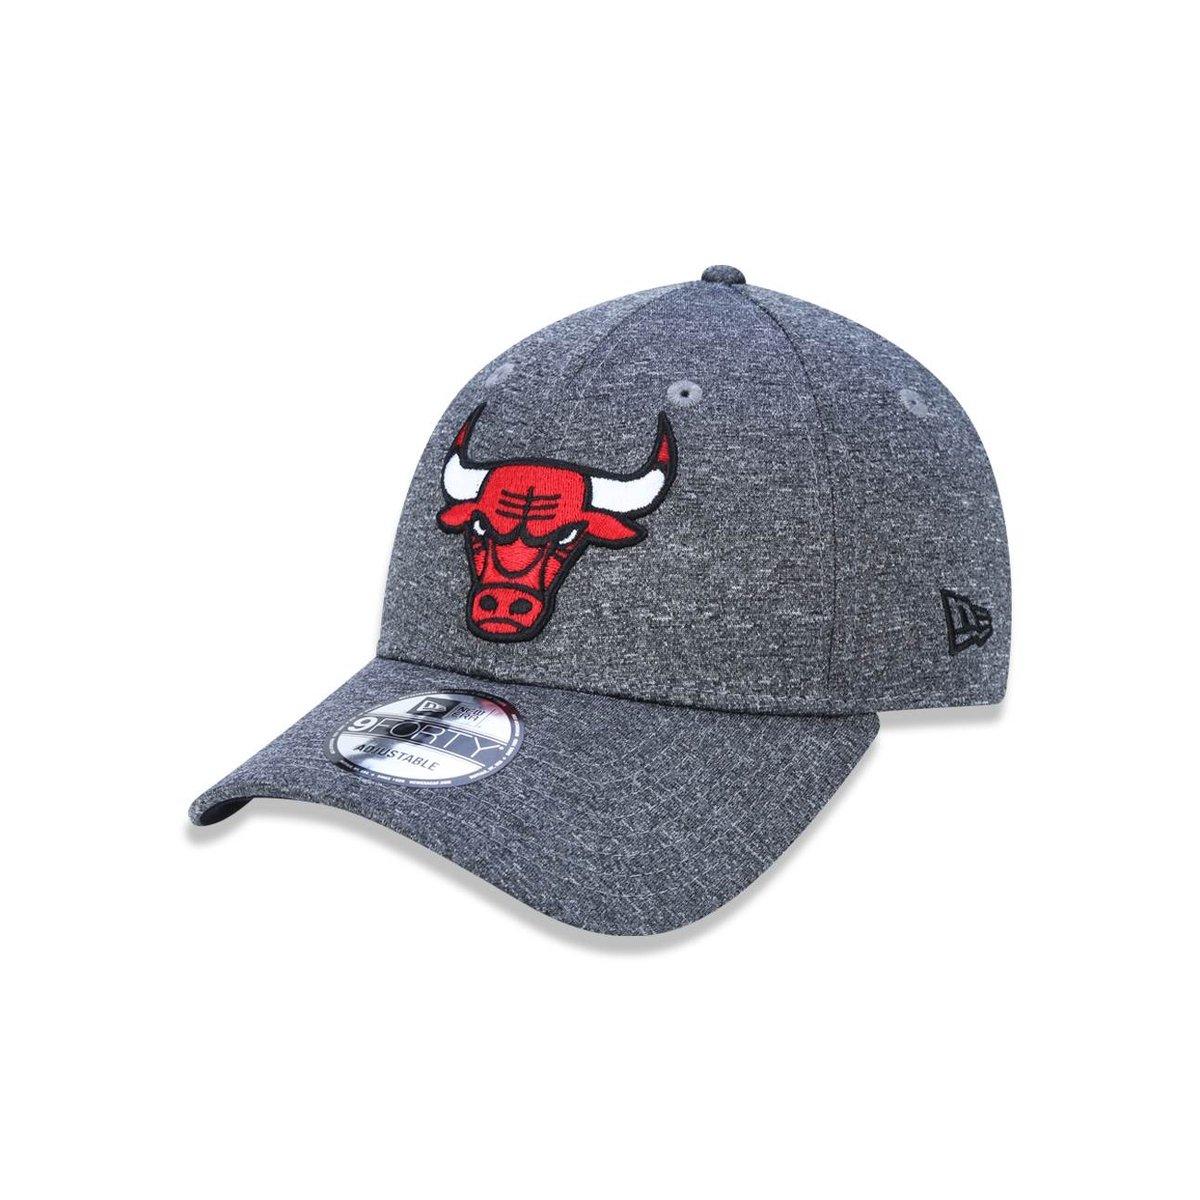 e24d5ce44ac06 Boné 940 Chicago Bulls NBA Aba Curva Strapback New Era - Compre Agora